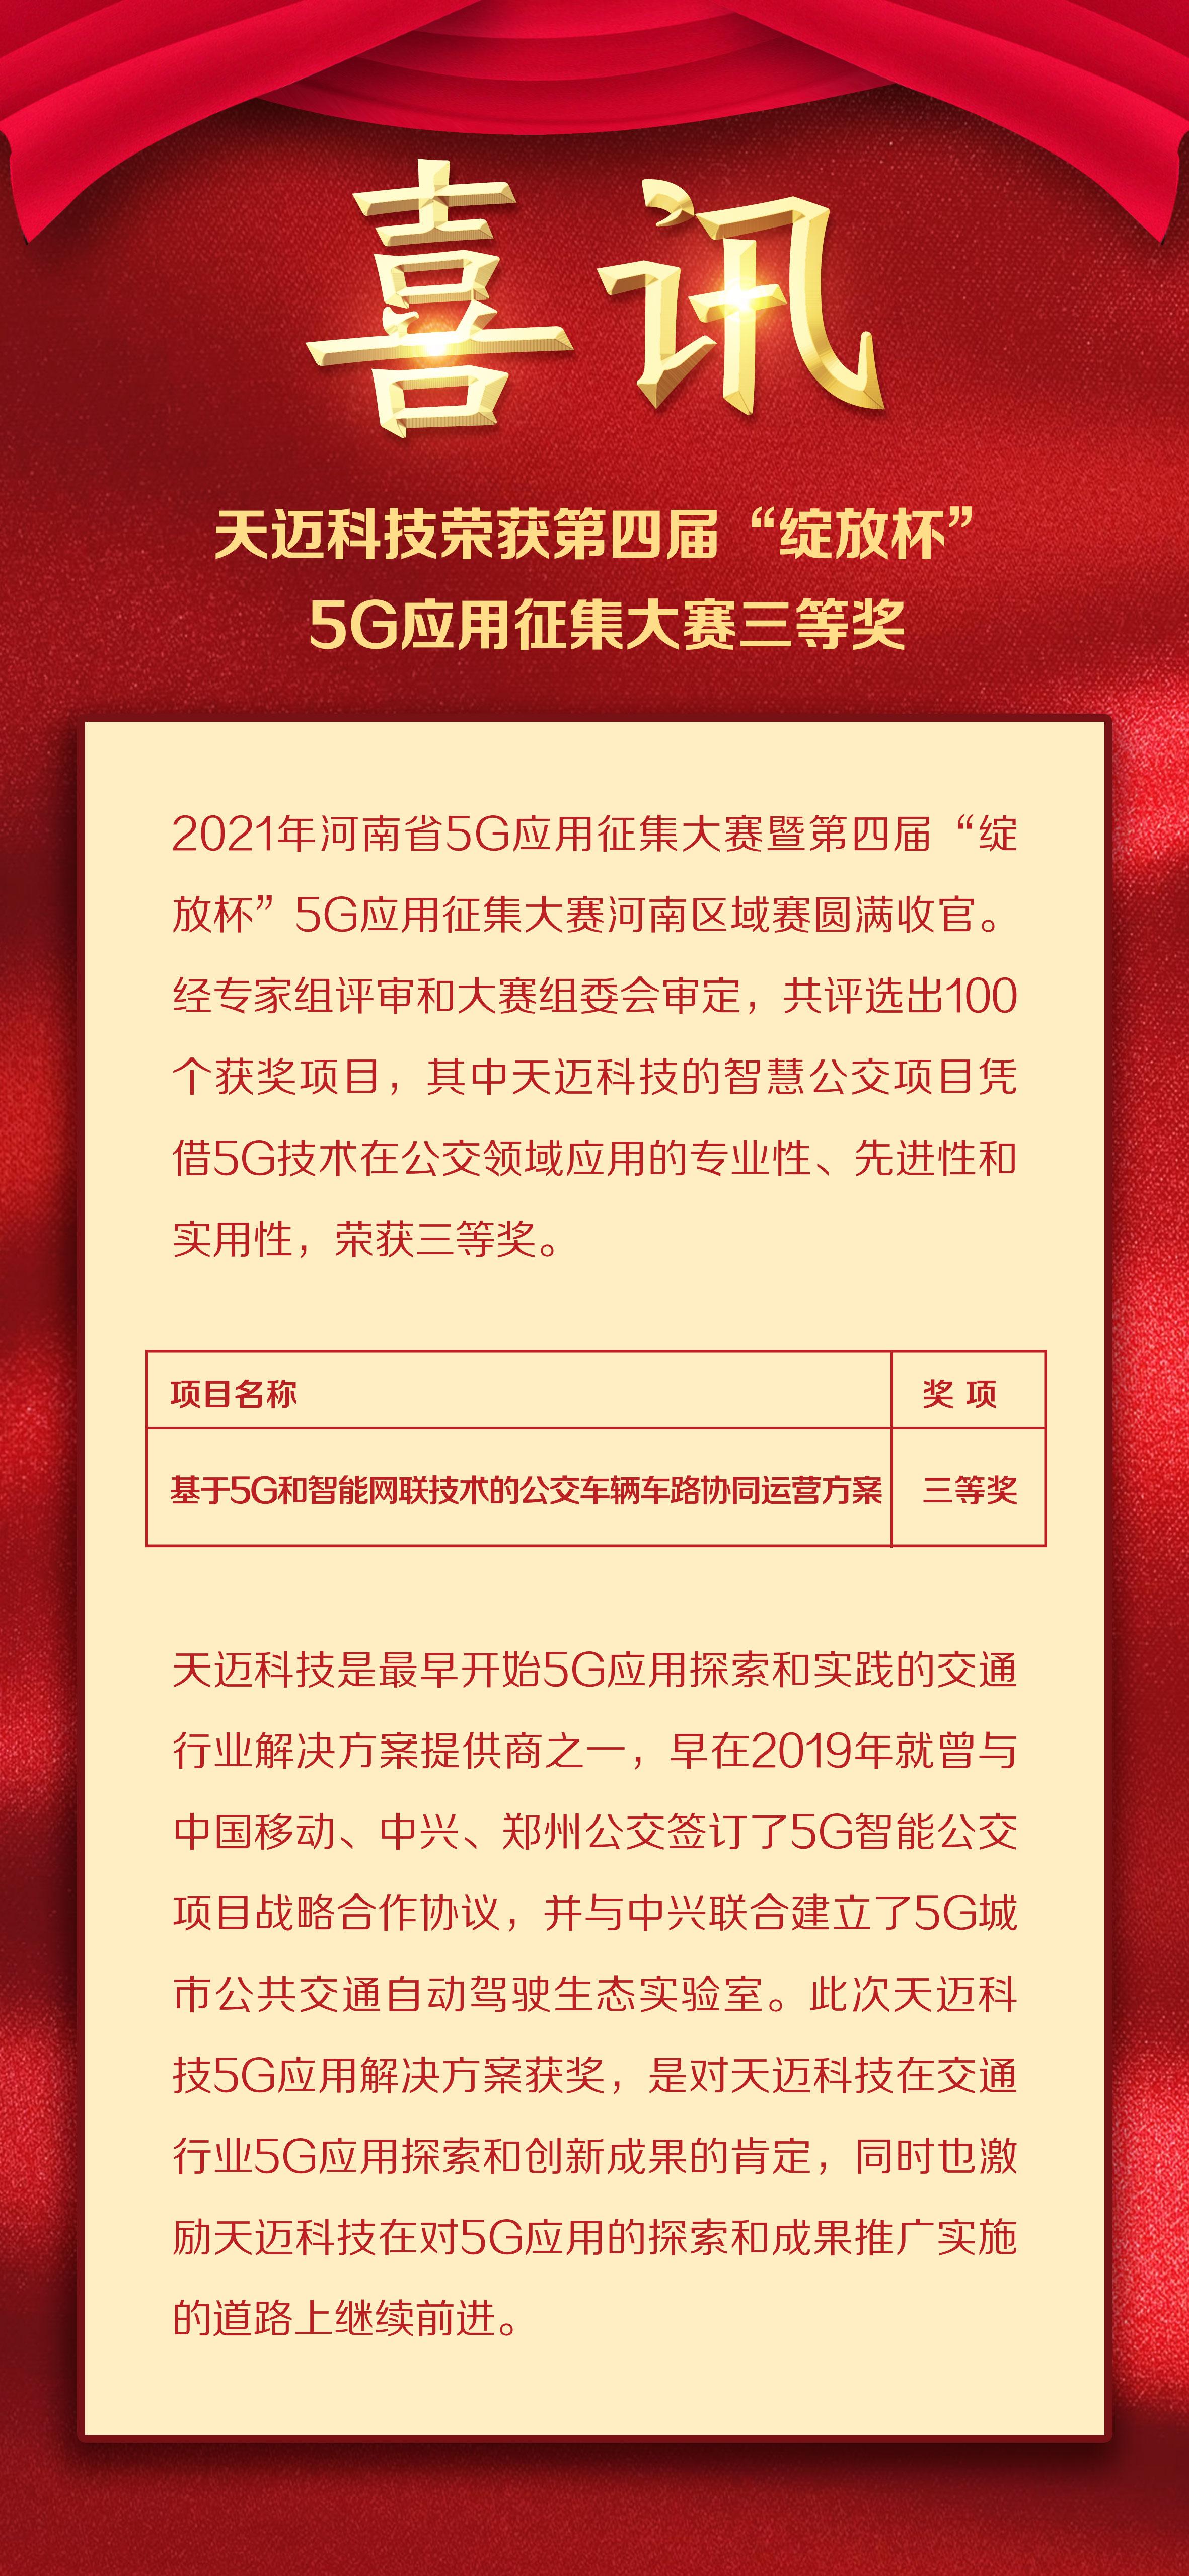 """喜讯:天迈科技荣获第四届""""绽放杯""""5G应用征集大赛三等奖"""